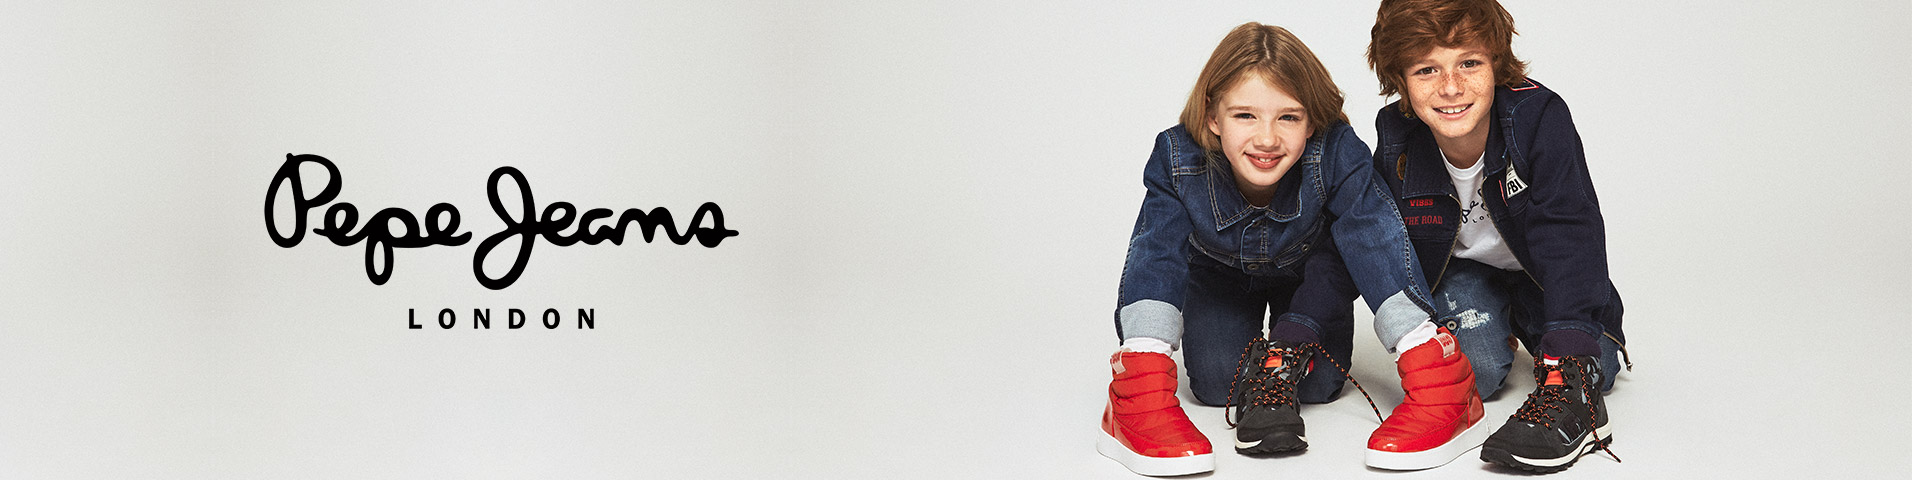 Collezione bimbi Pepe Jeans | Promo su Zalando